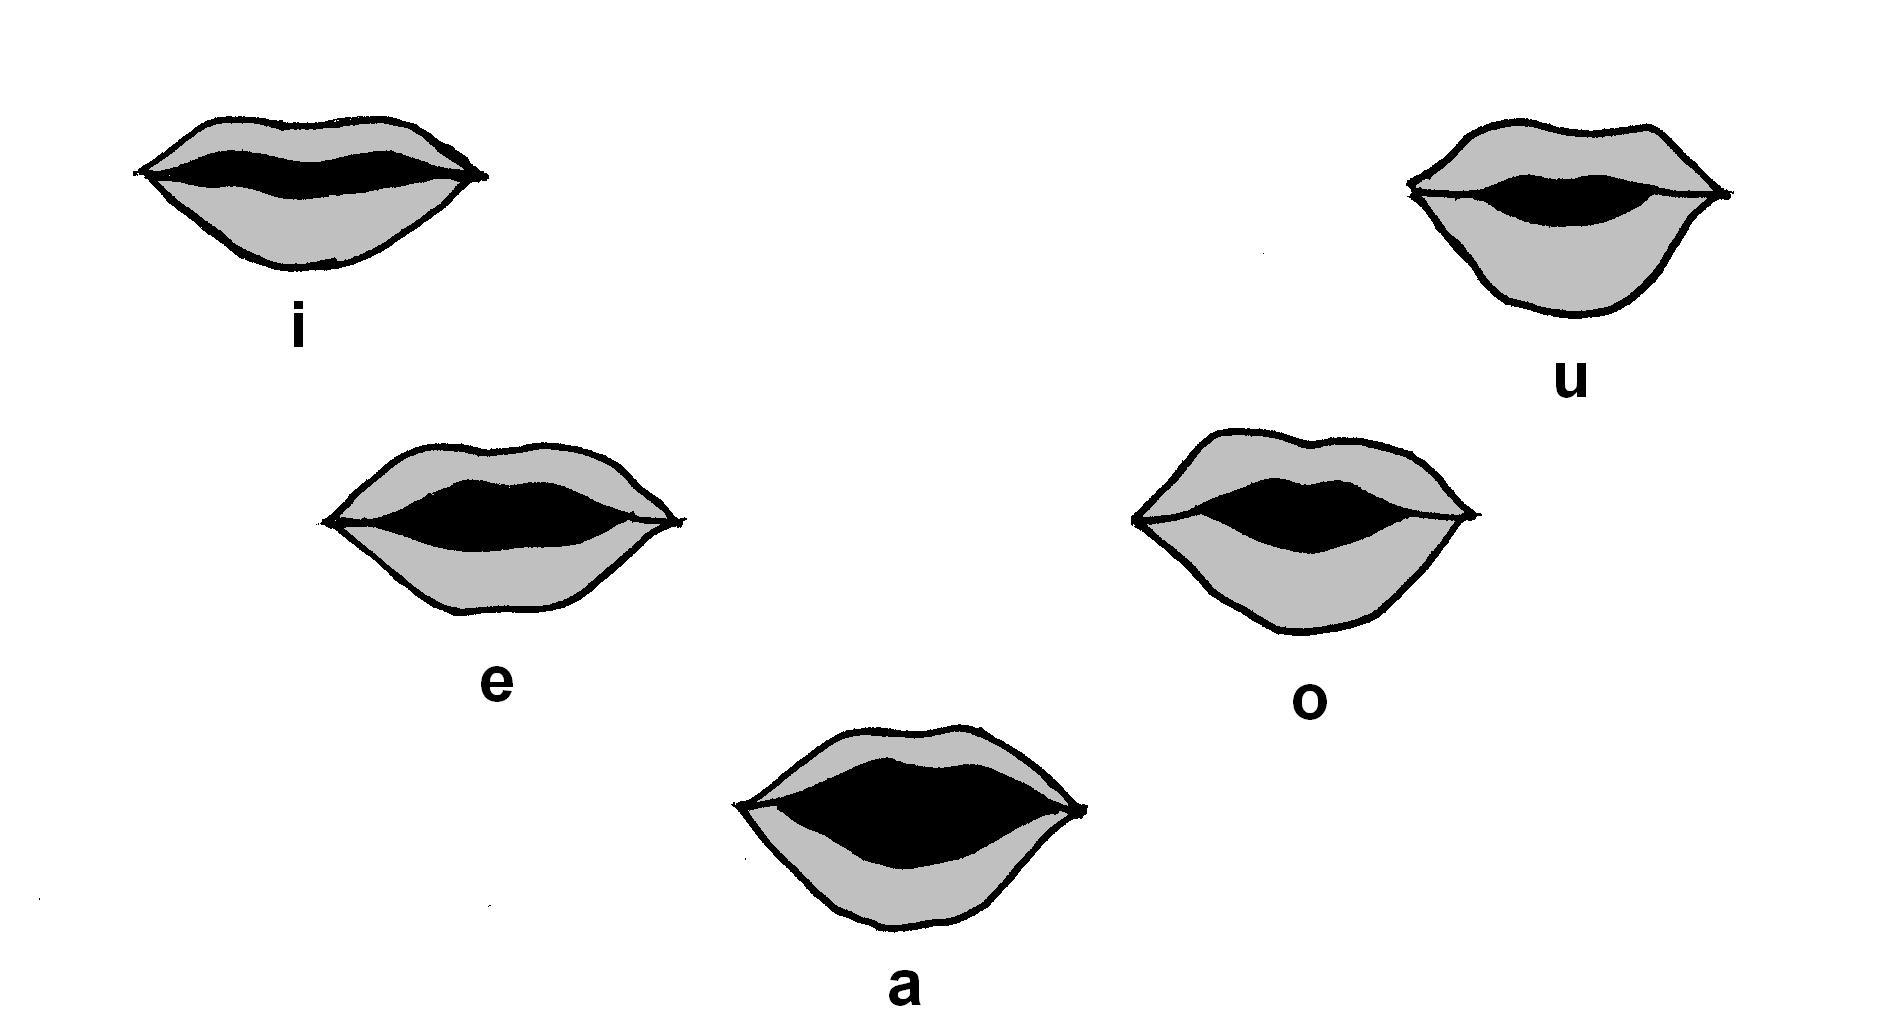 cs_vowels_lips